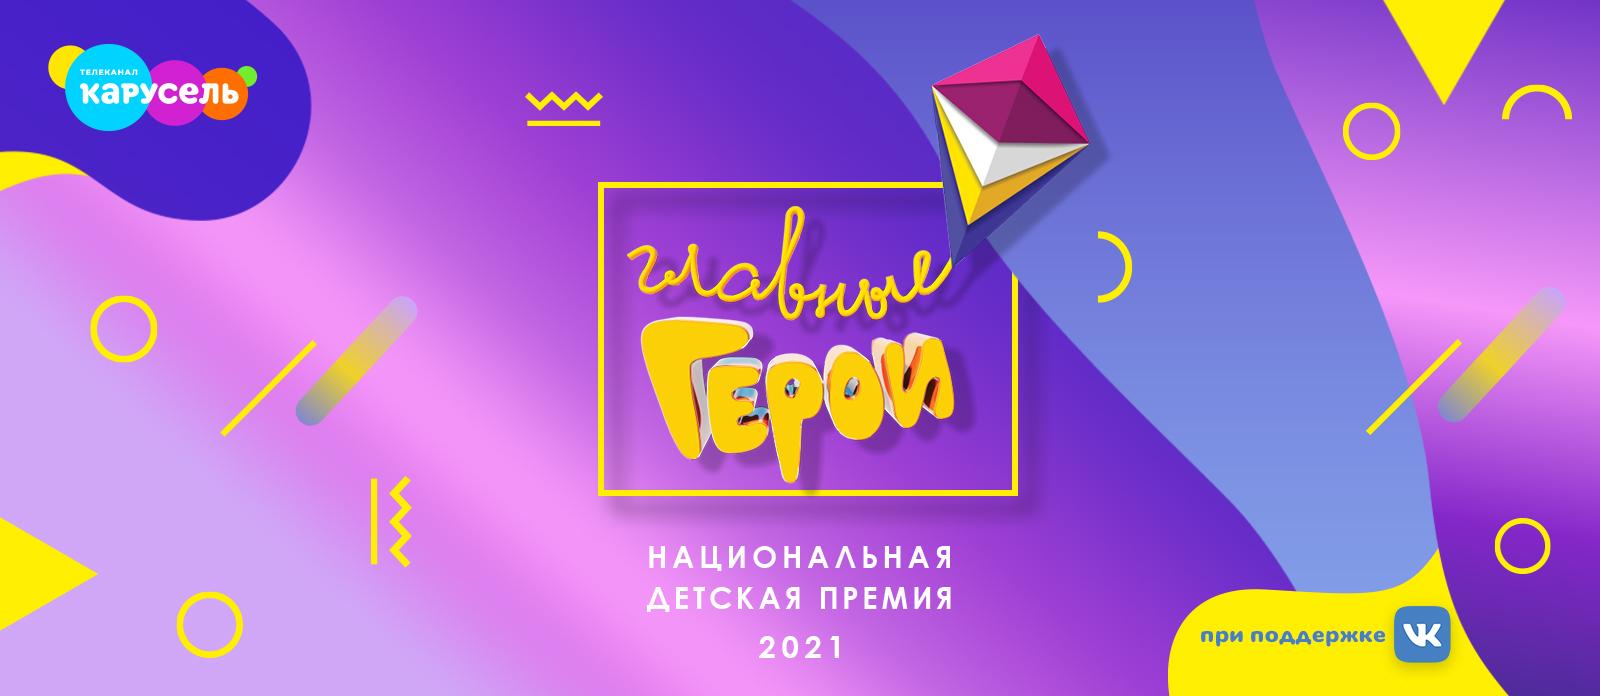 Объявляем голосование в национальной премии «Главные Герои 2021»!